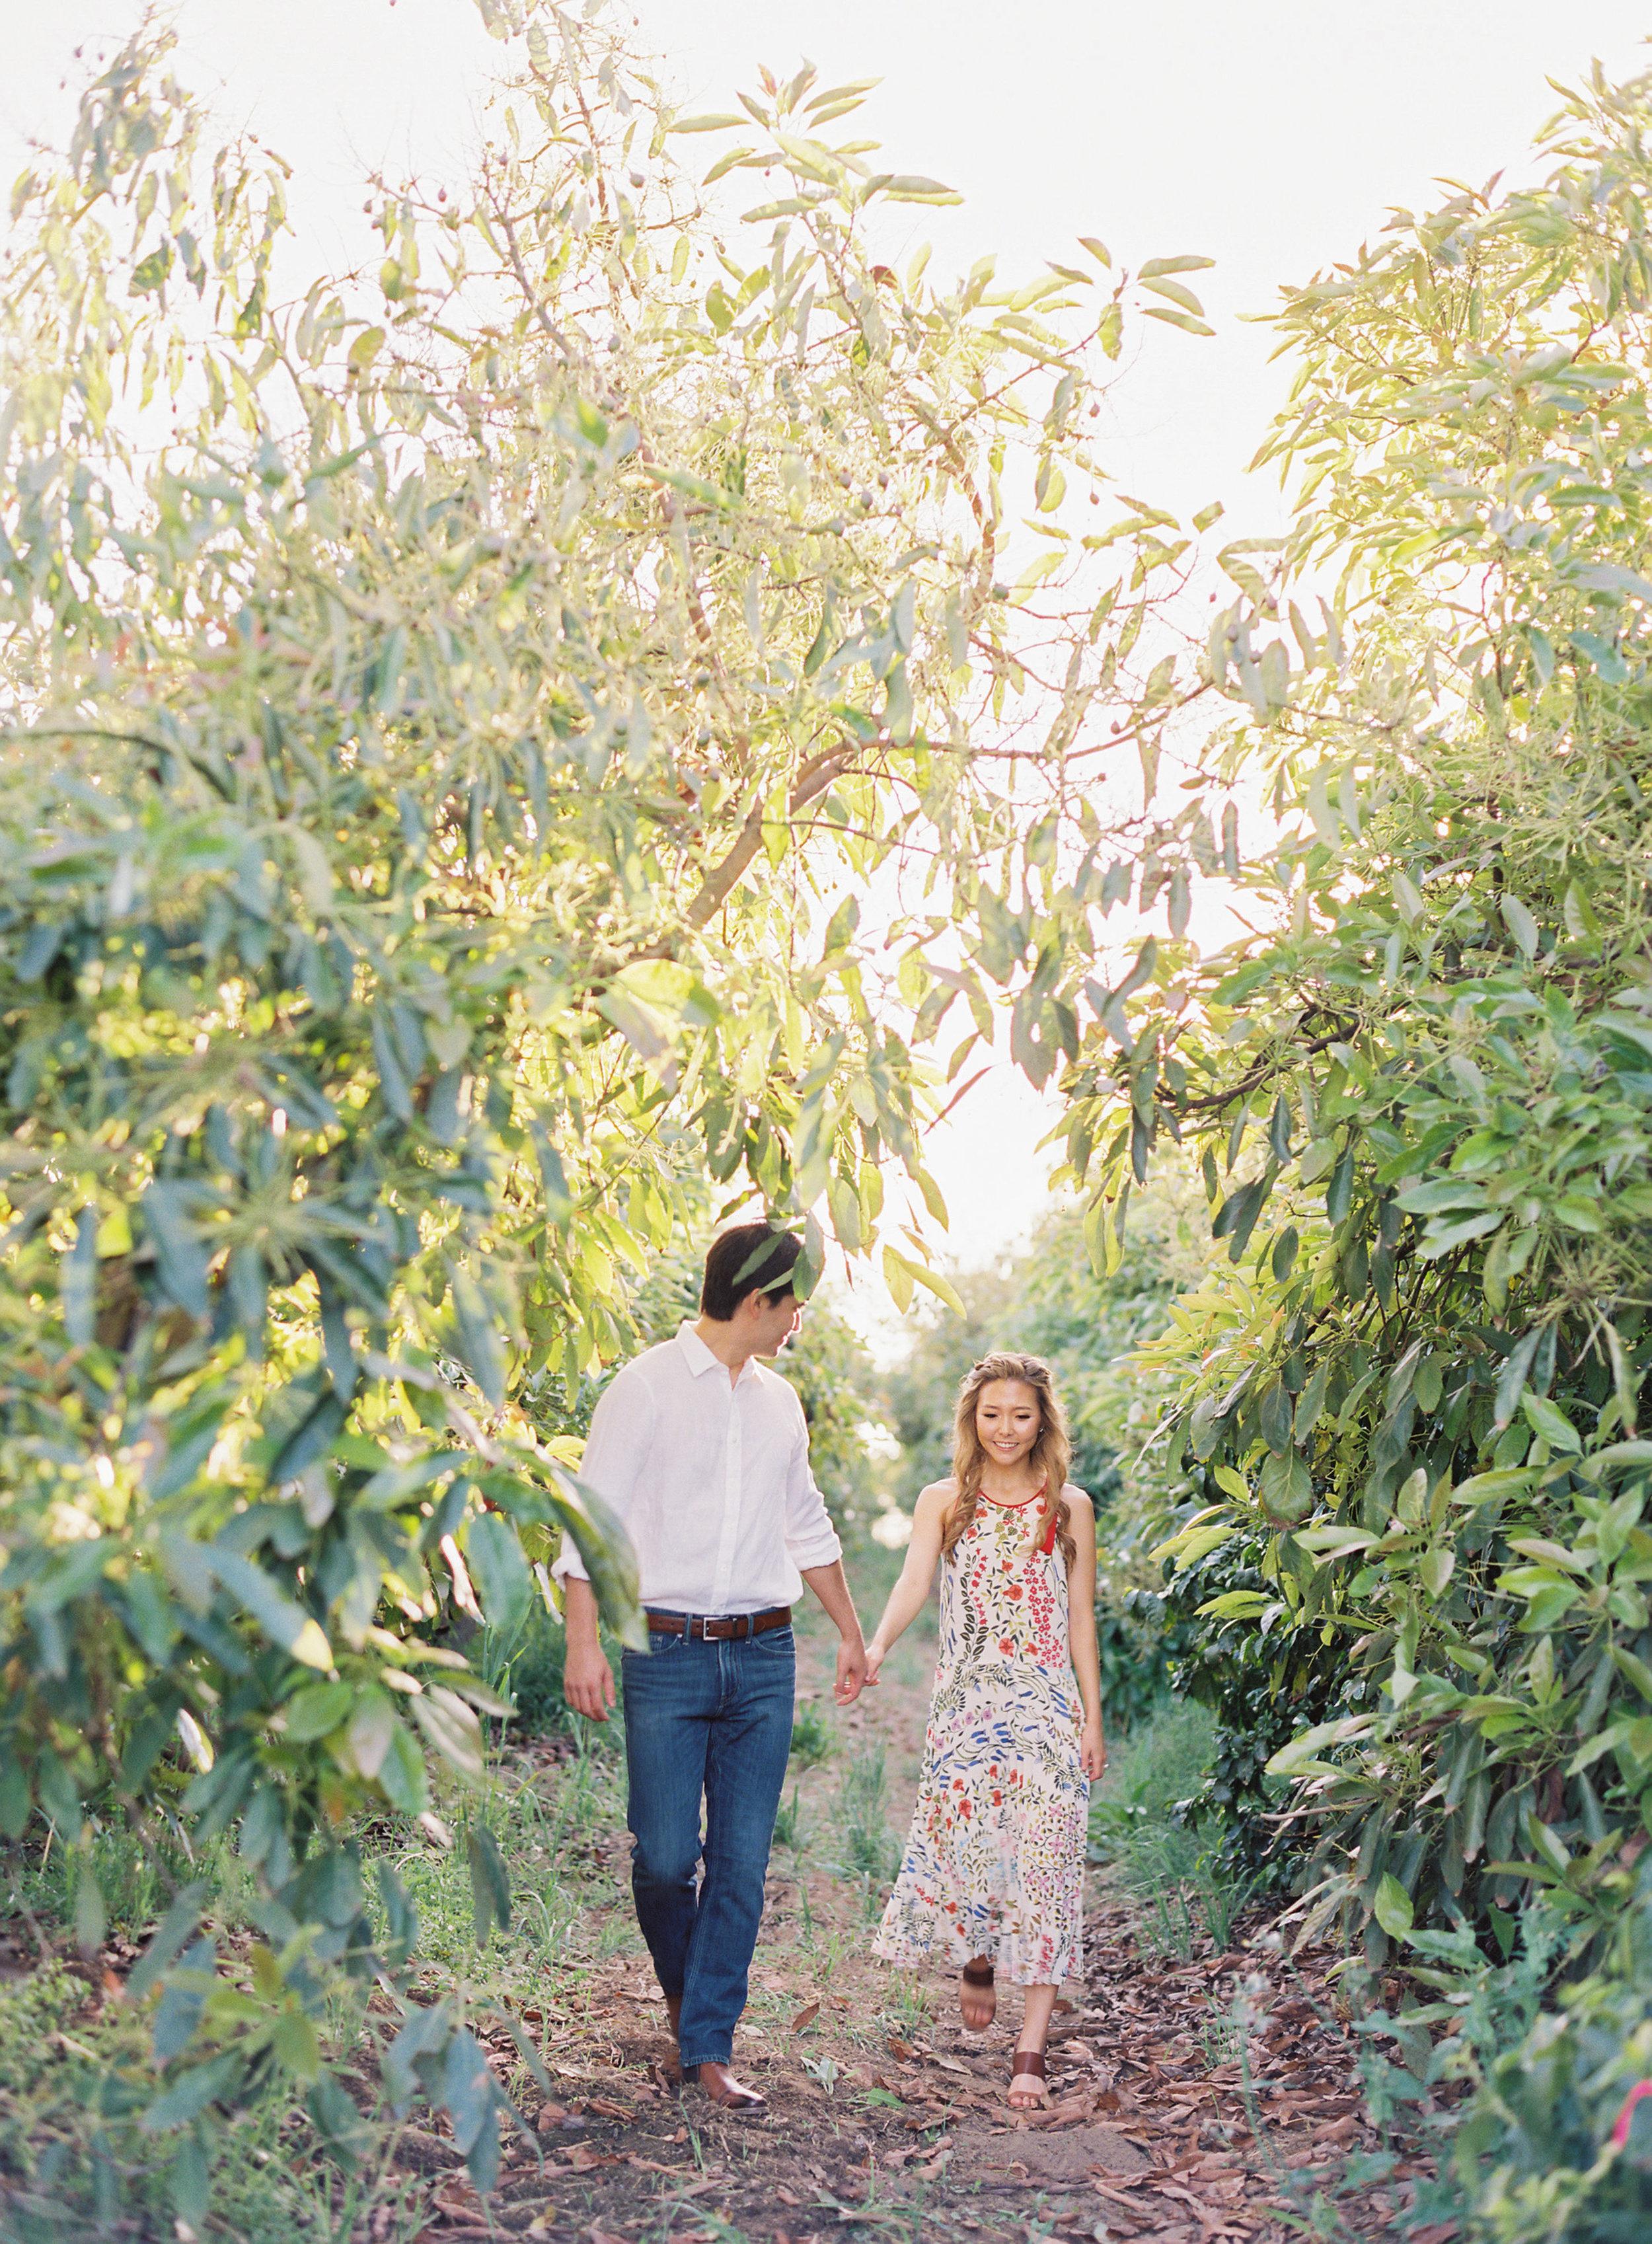 JL-Engagement-Carpinteria-78-Jen-Huang-009925-R1-003.jpg